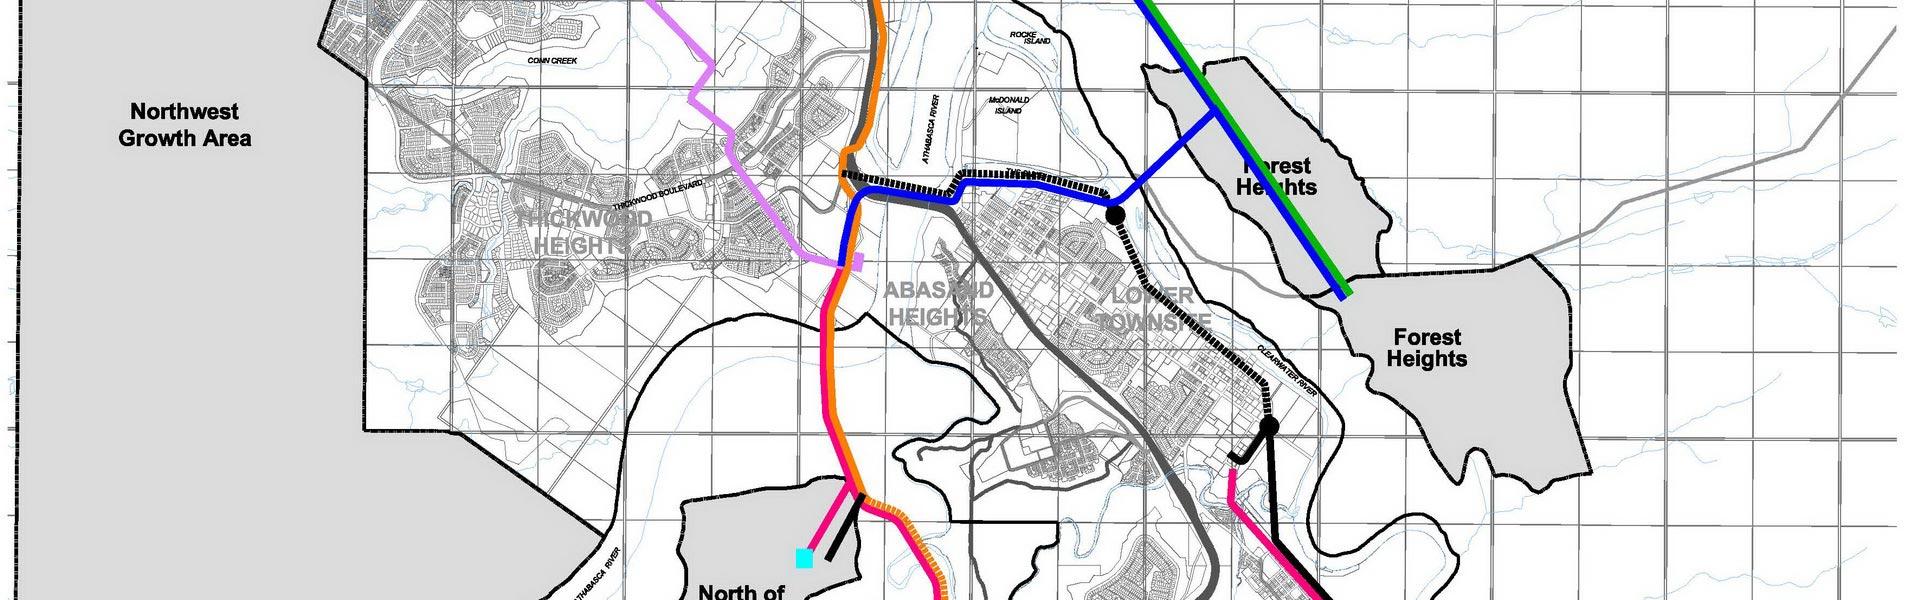 Fringe Area Development Assessment